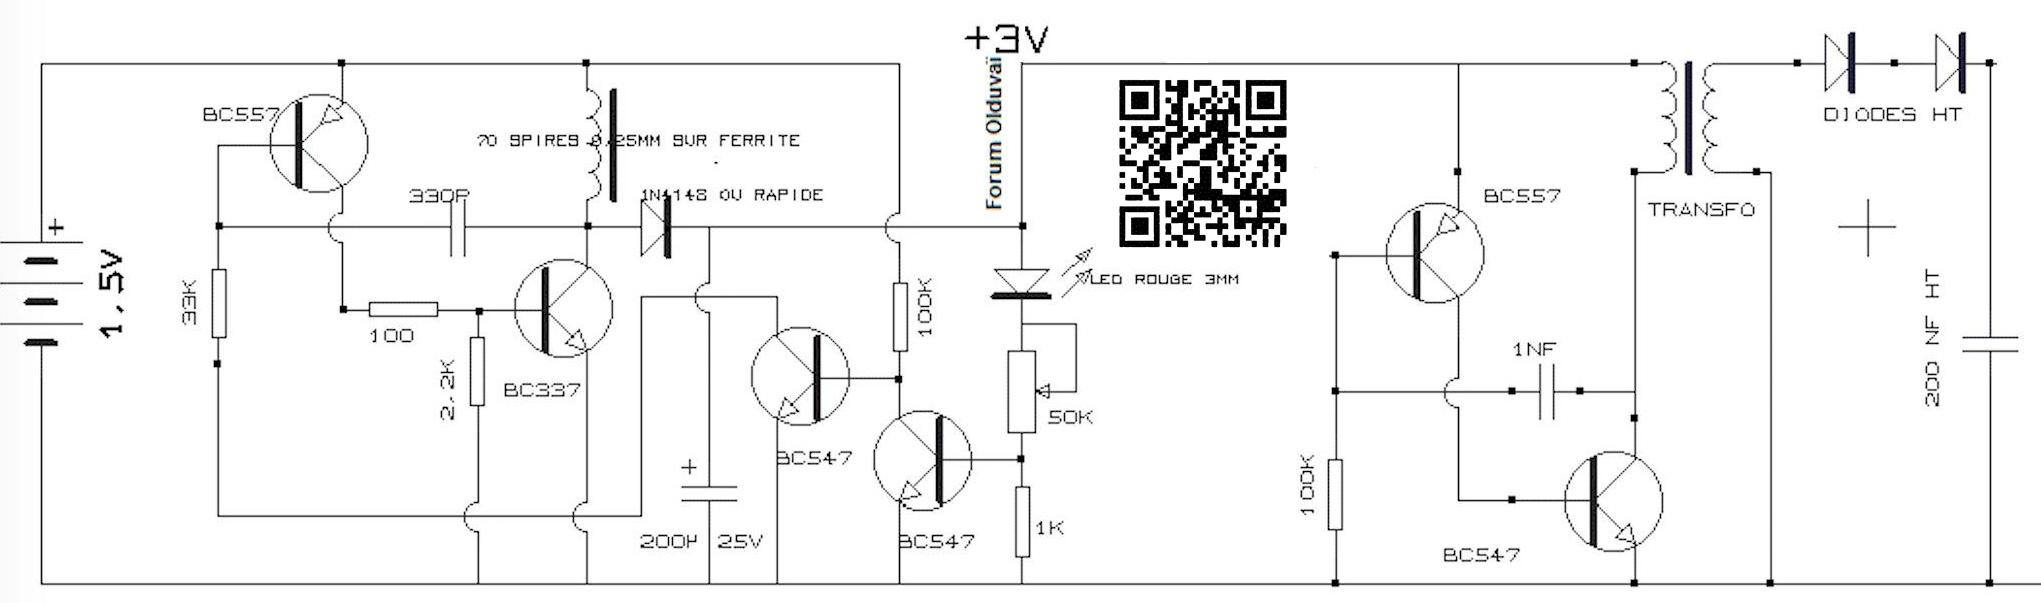 Un projet de compteur geiger à transistors - Page 2 Captur21